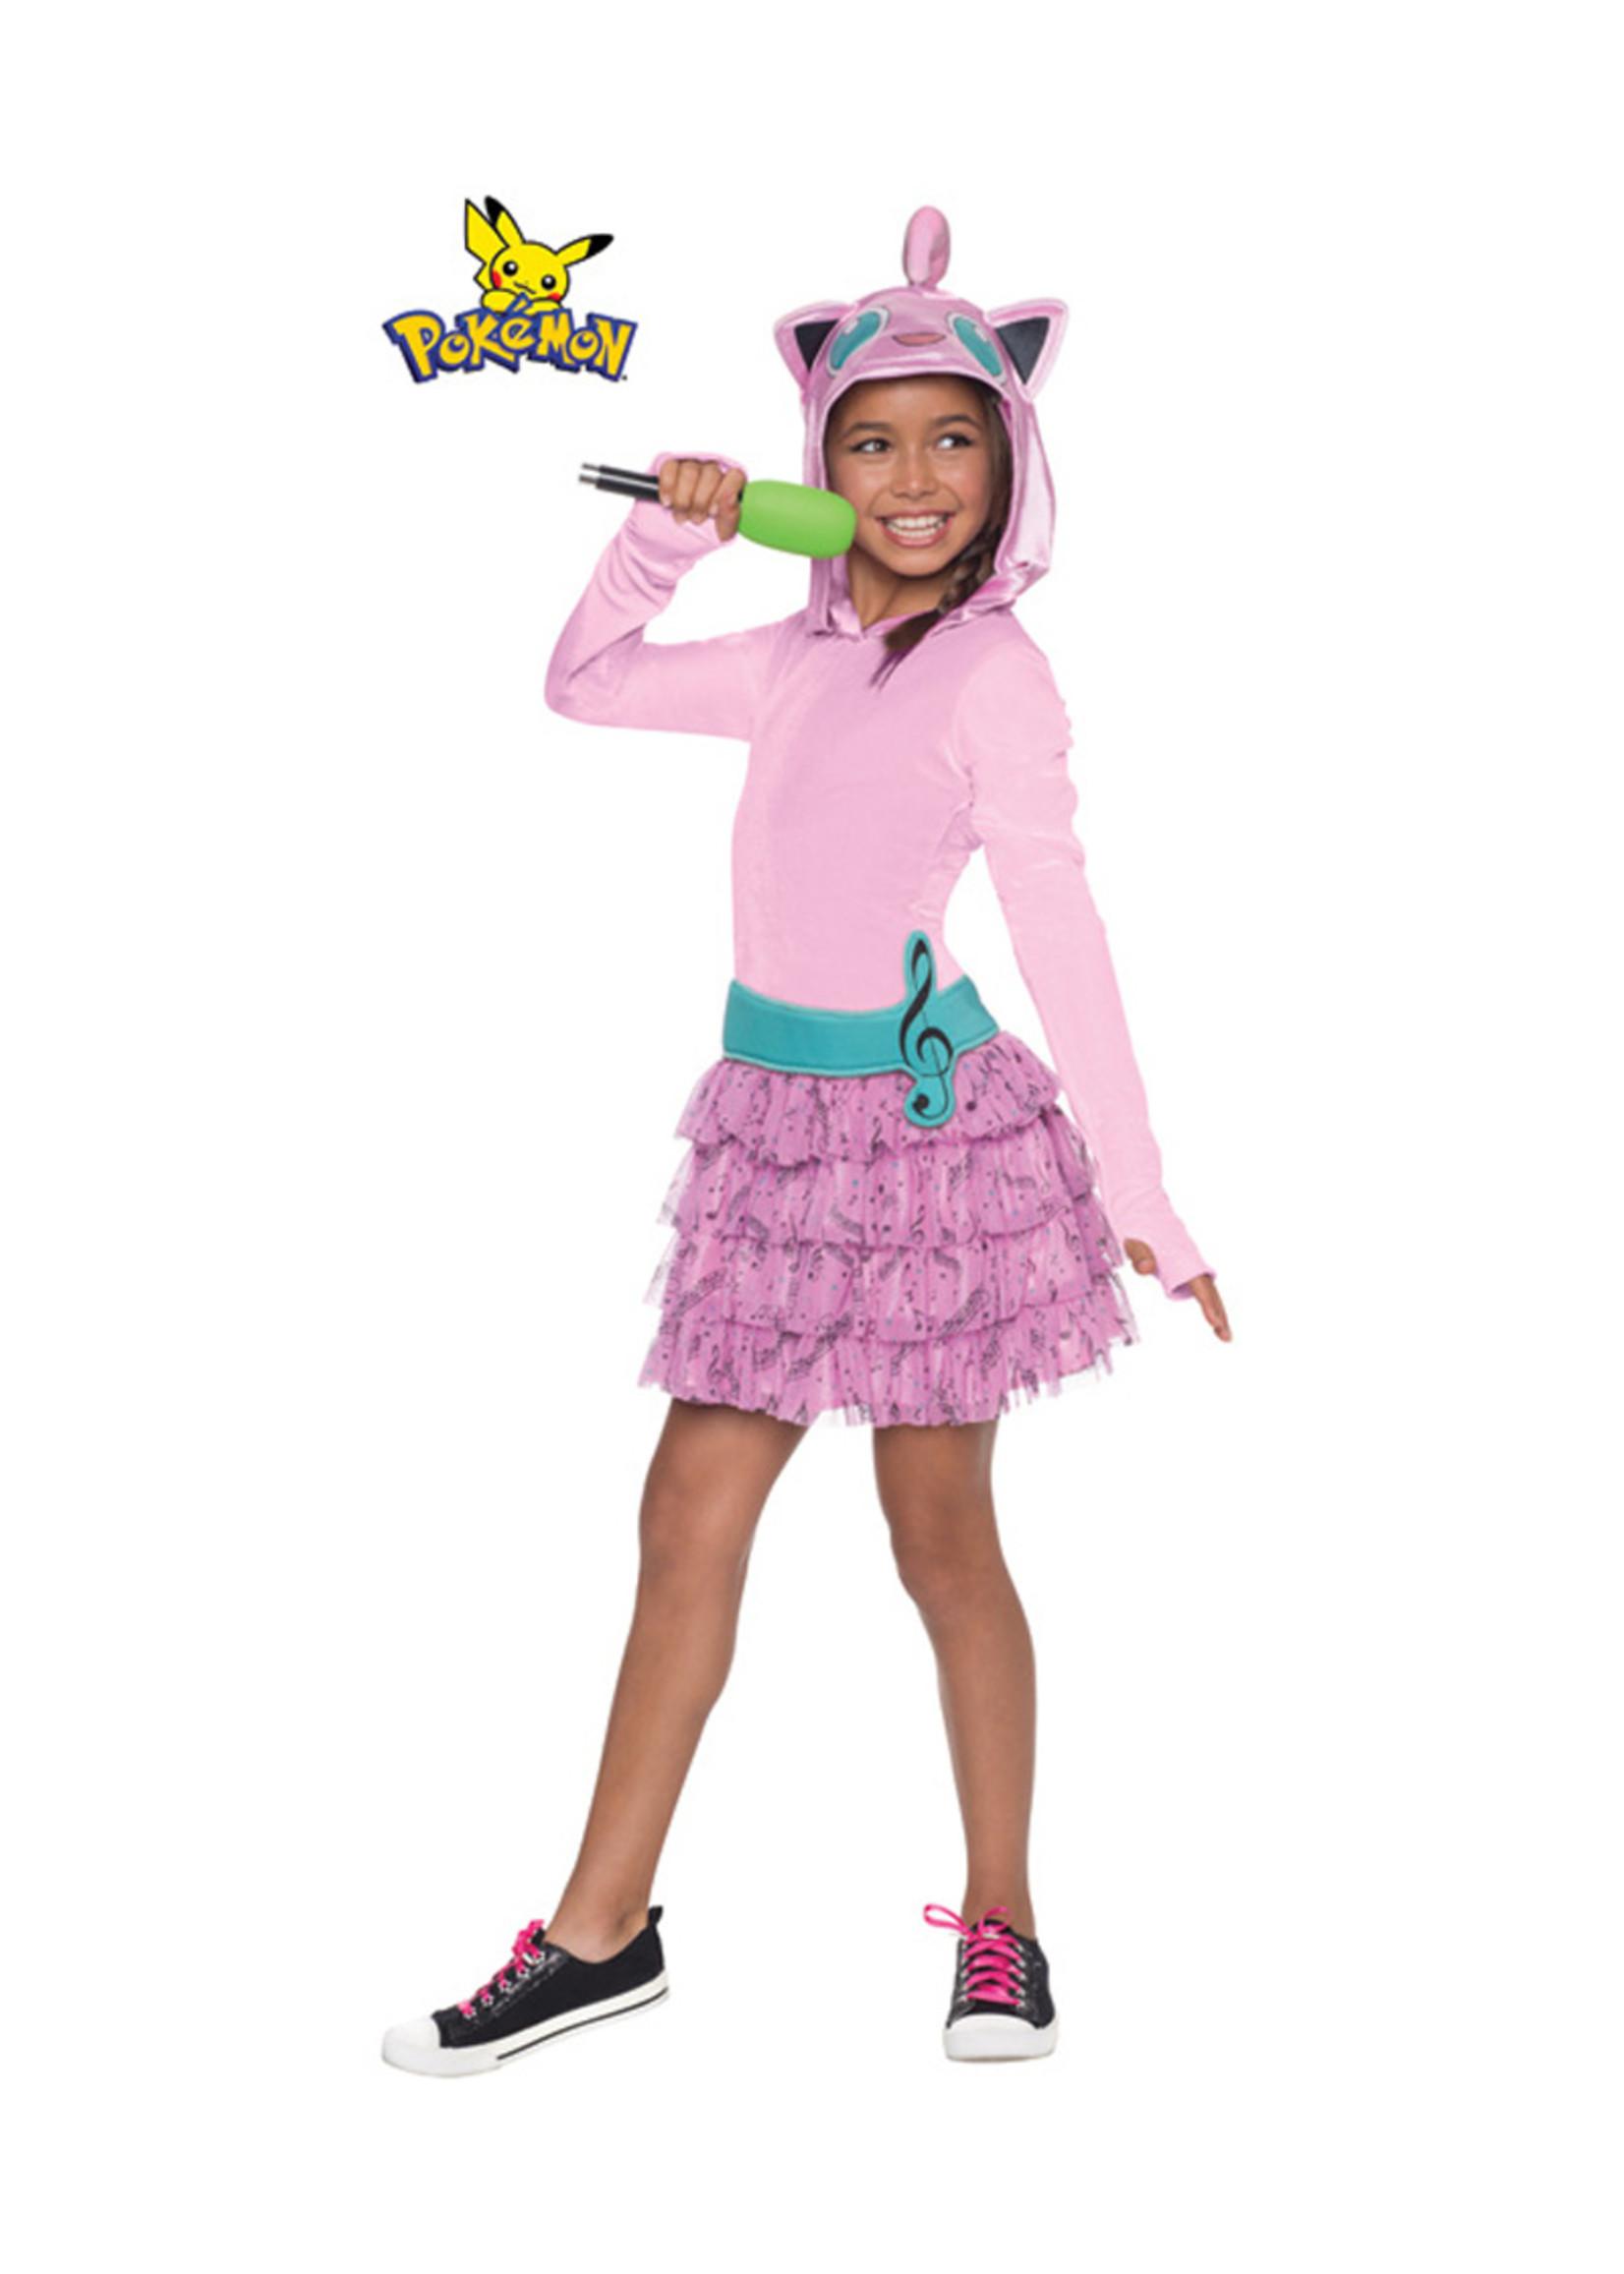 Jigglypuff - Pokemon Costume - Girls